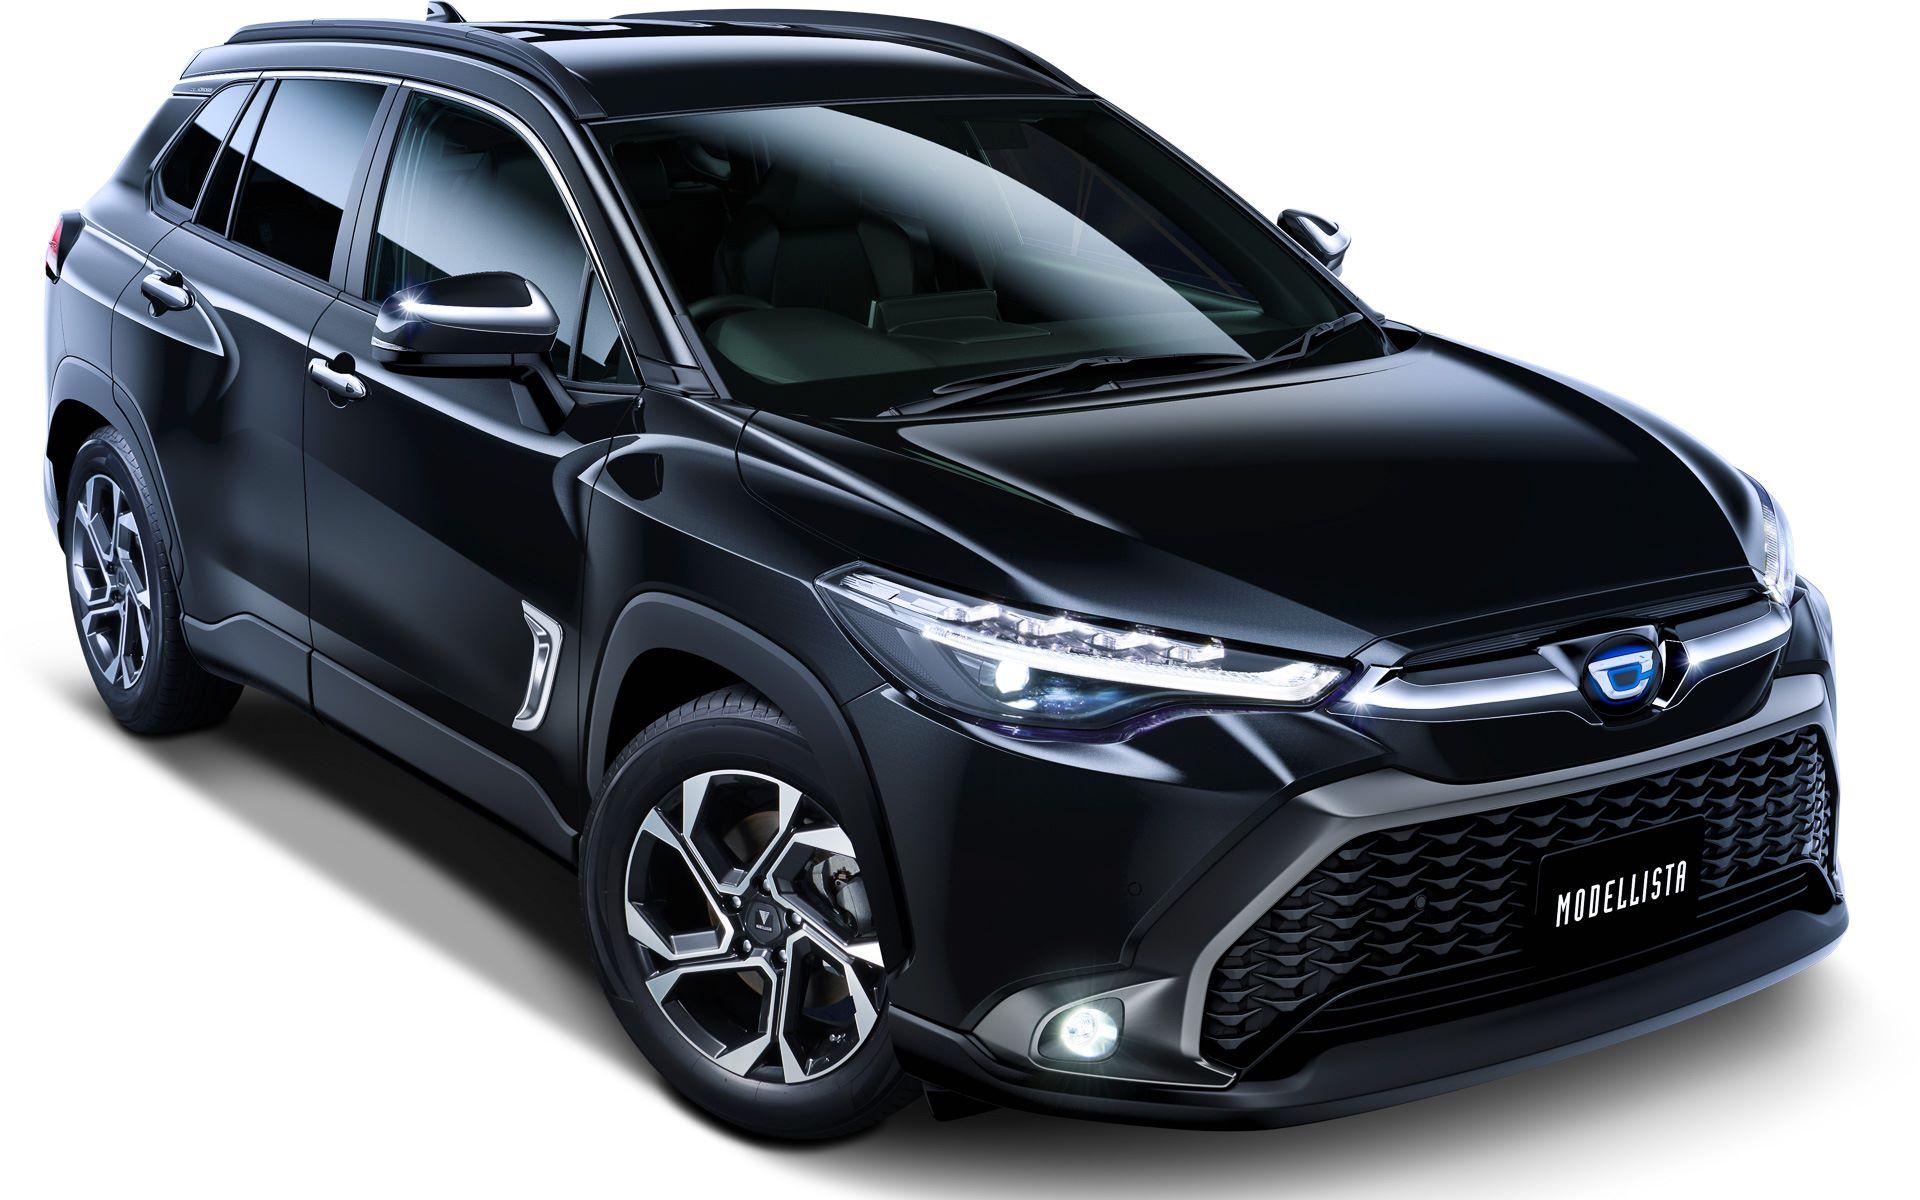 Toyota-Corolla-Cross-by-Modellista-8